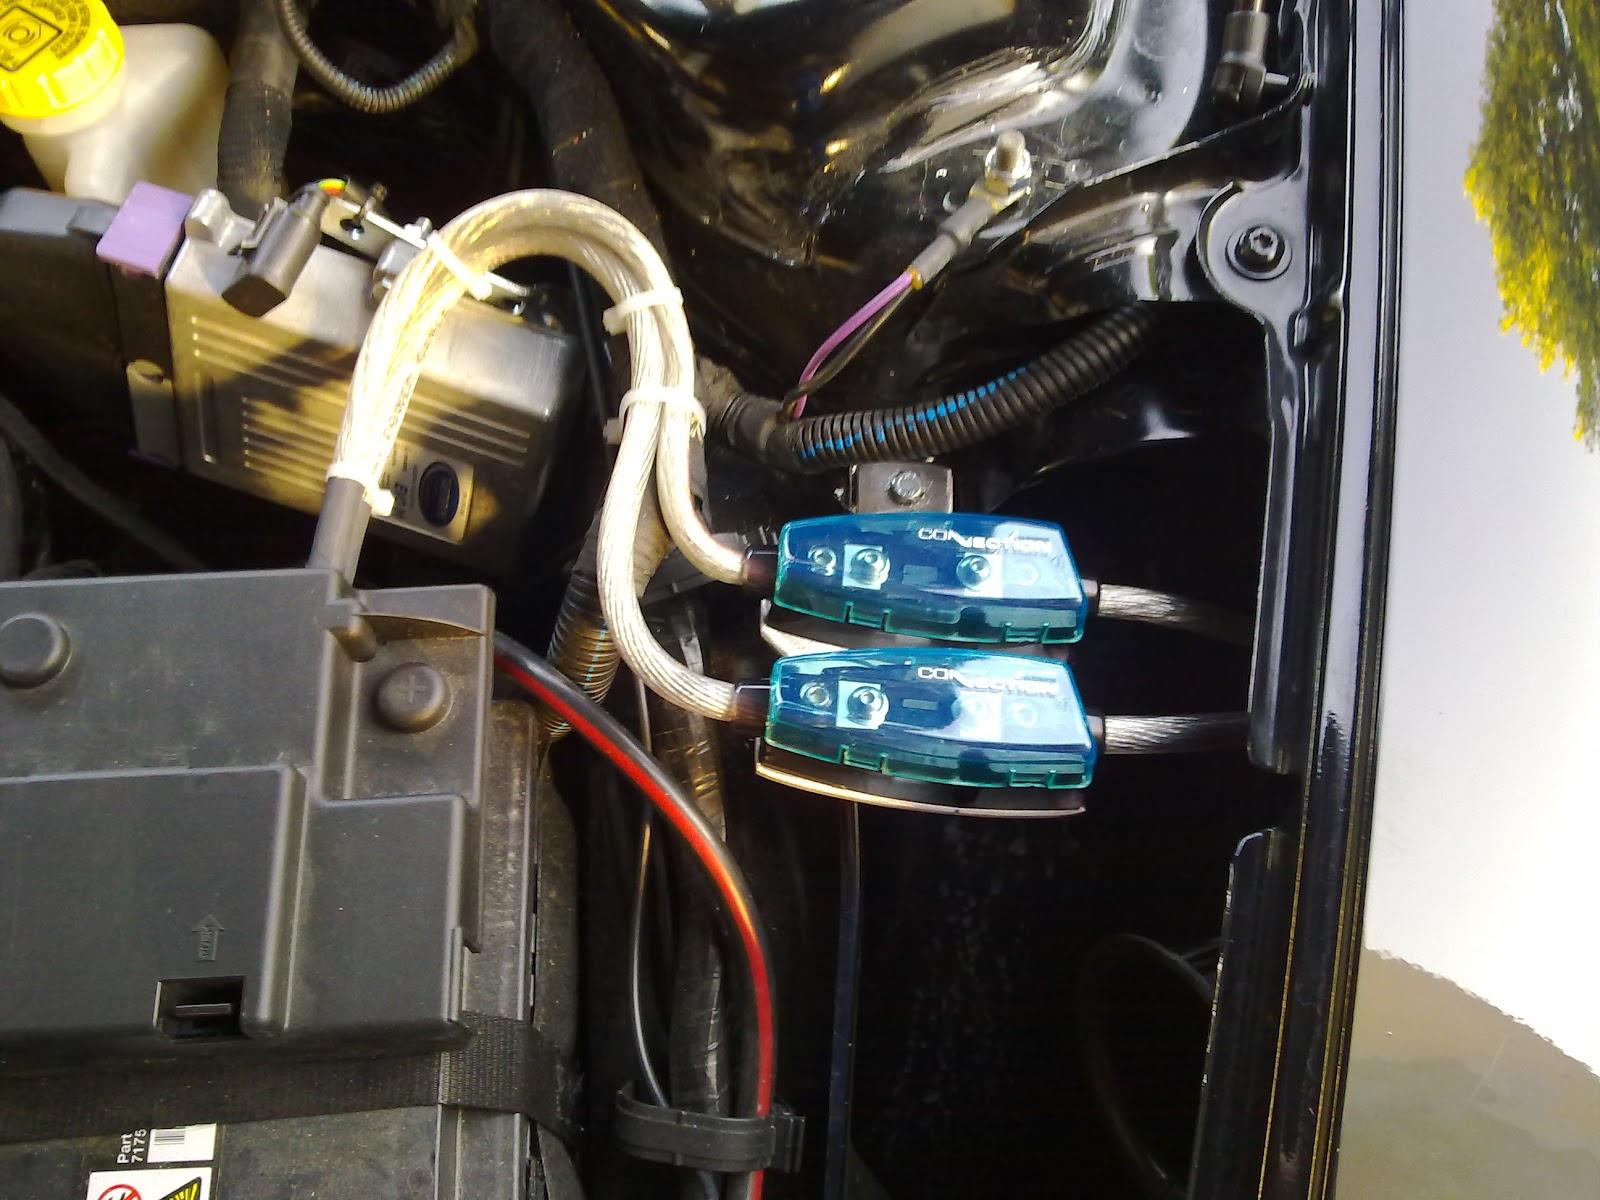 Ketto90 hi fi car cavi per impianti stereo in macchina - Impianto stereo da camera ...